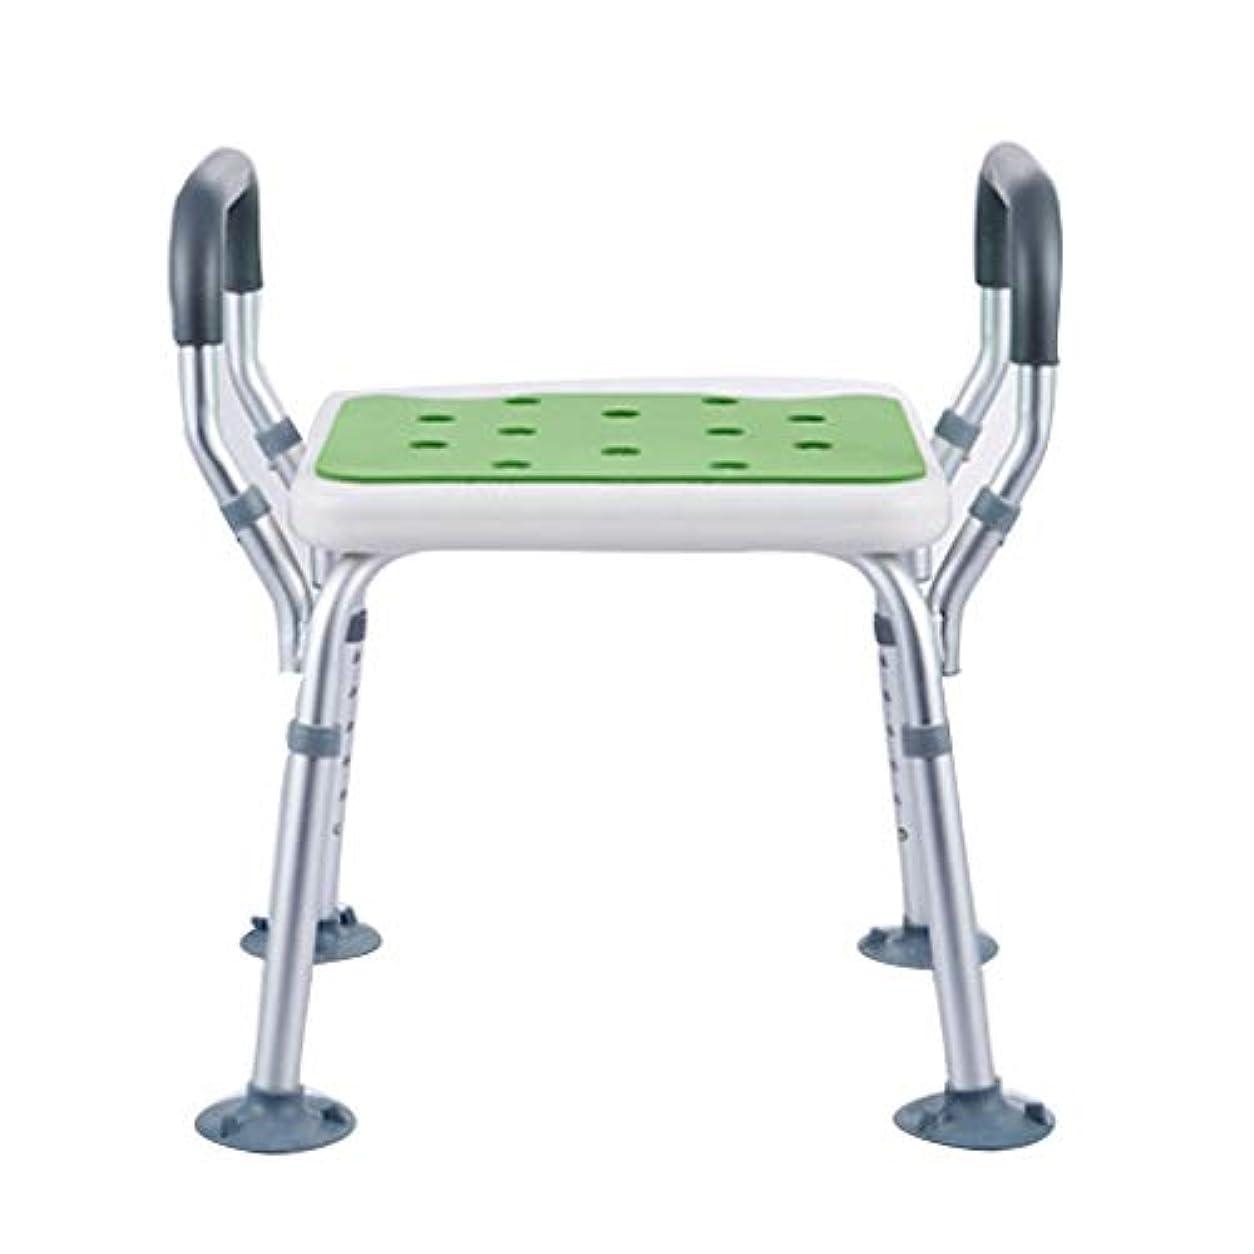 選ぶ統計墓シャワーベンチ シャワーベンチ バス アル コンフォート アルミ合金 軽量コンパクト 取付簡単 丈夫 入浴補助用具 高齢者身体障害者妊婦に適しています、肘掛付 耐荷重約100kg